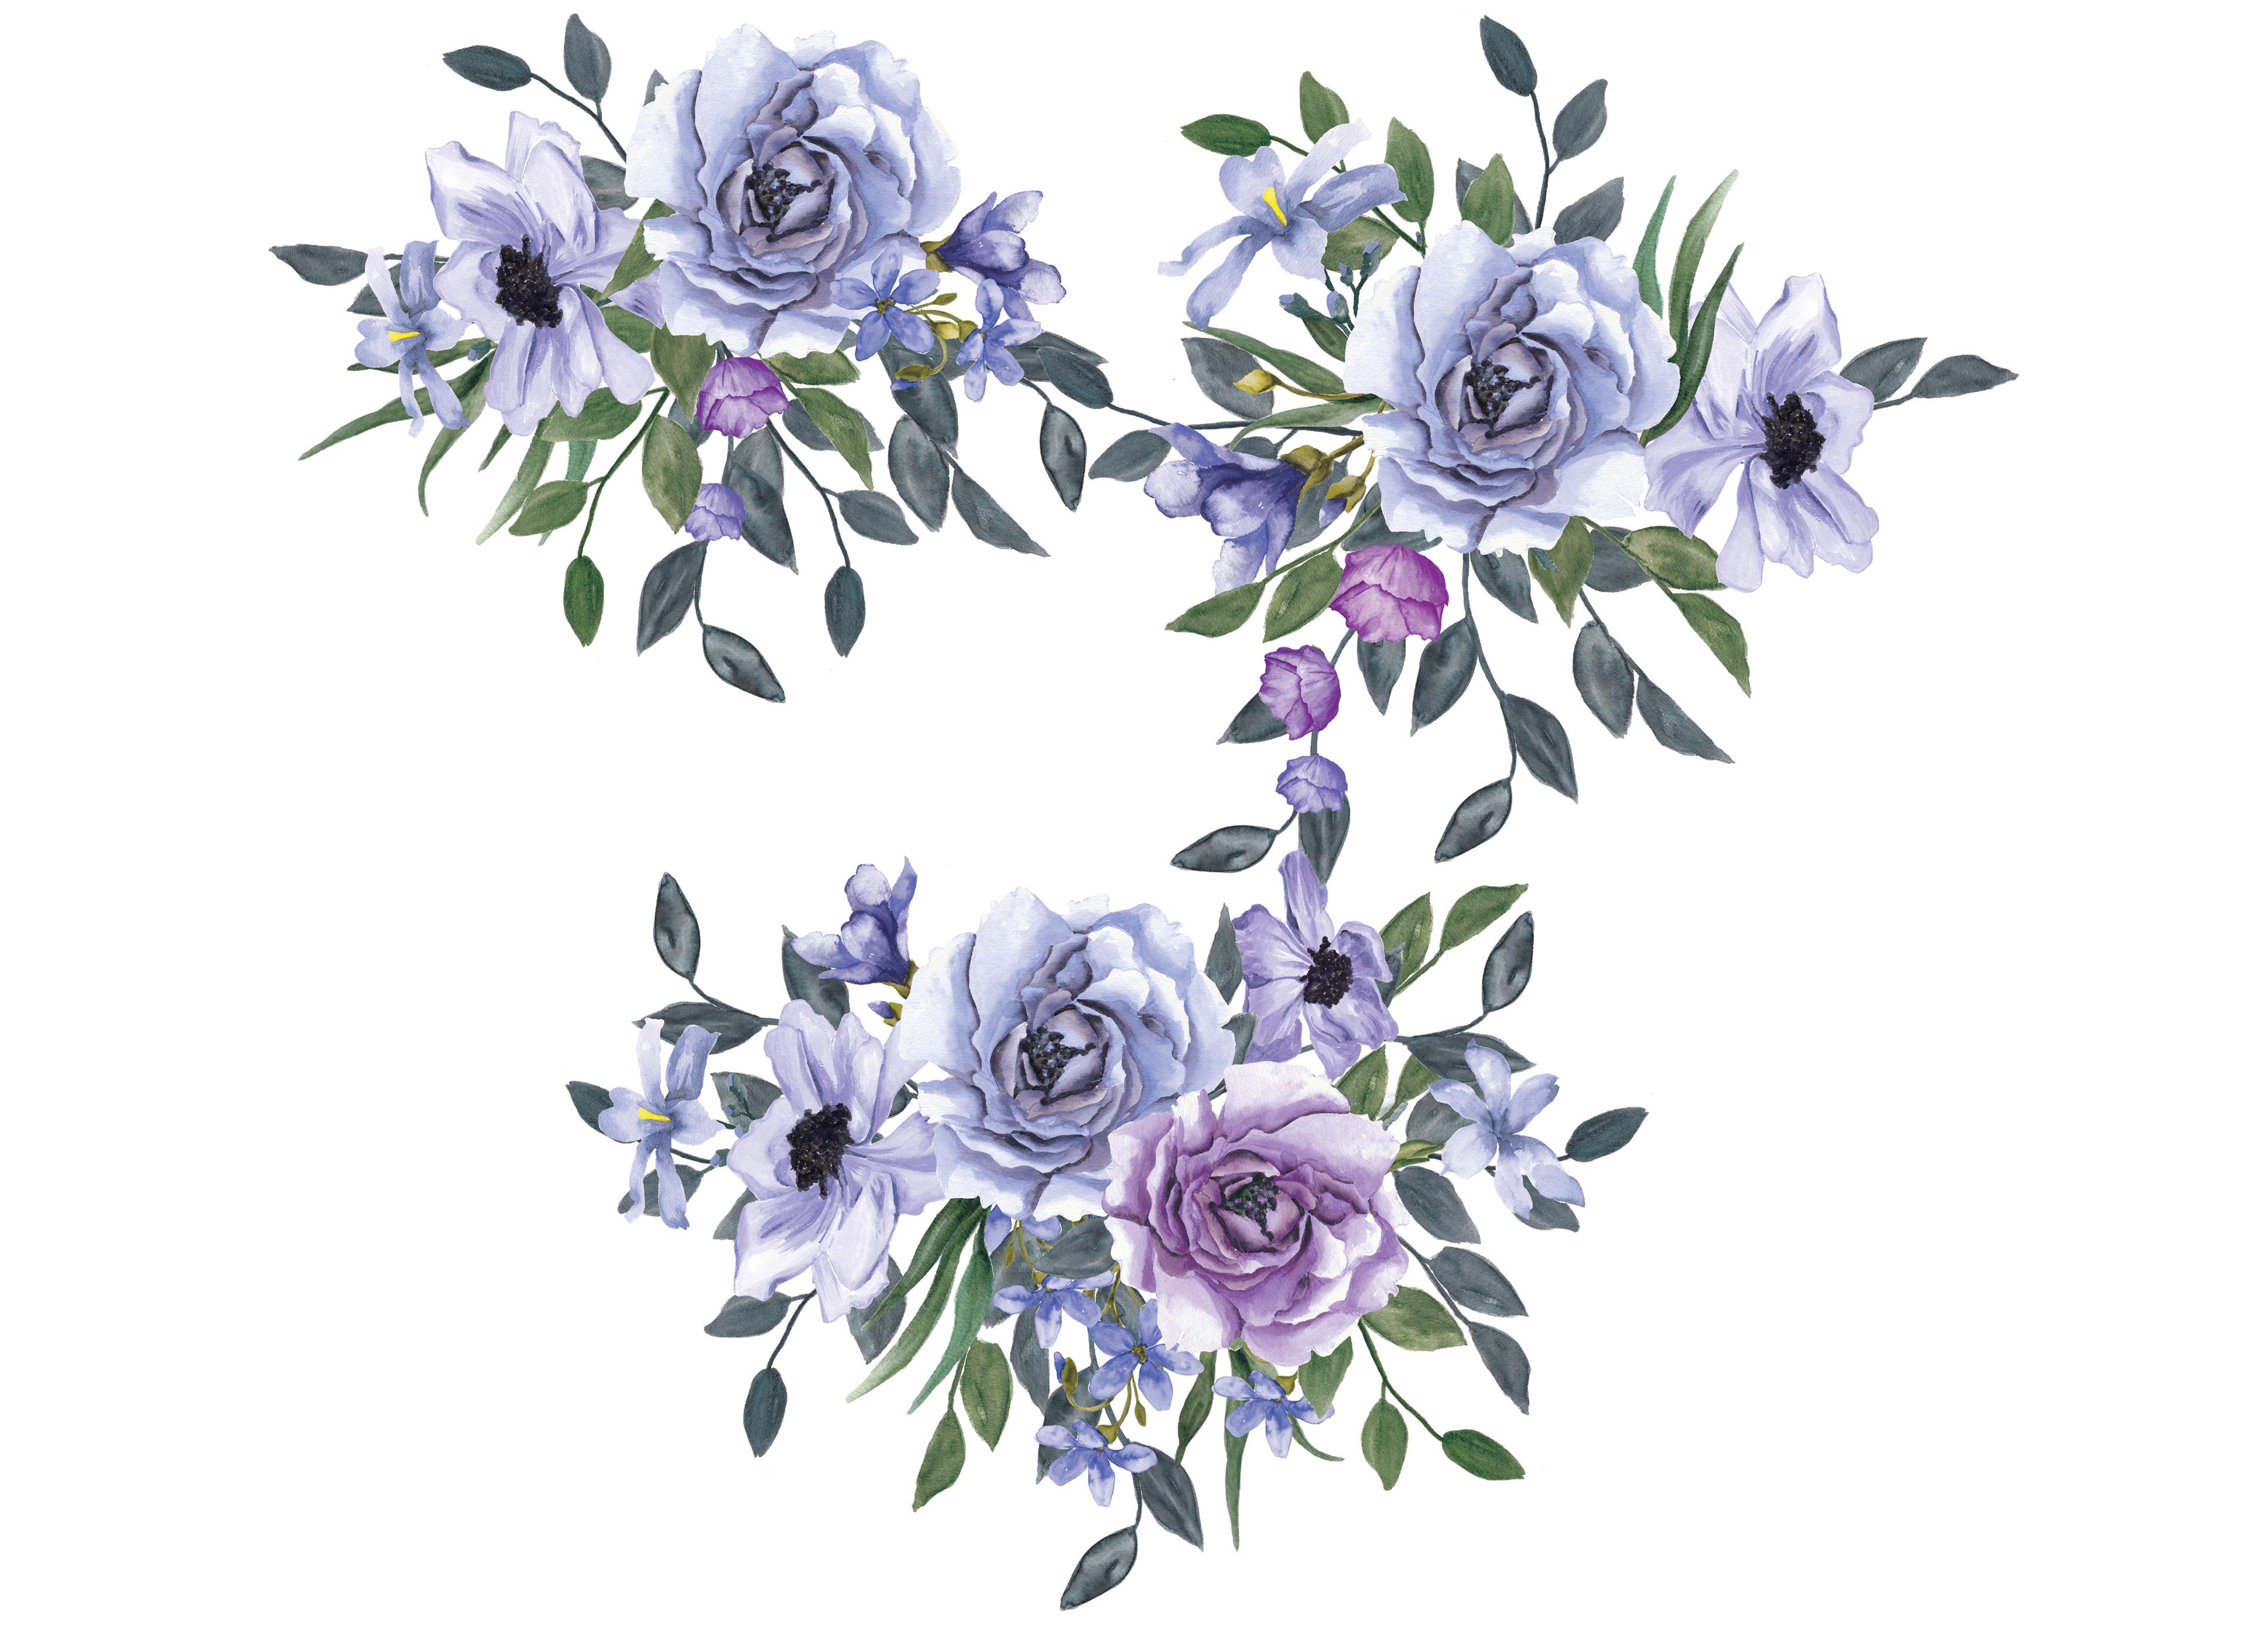 Violet Watercolor Flower Clipart Floral Arrangement Clipart (3874 x 2810 Pixel)